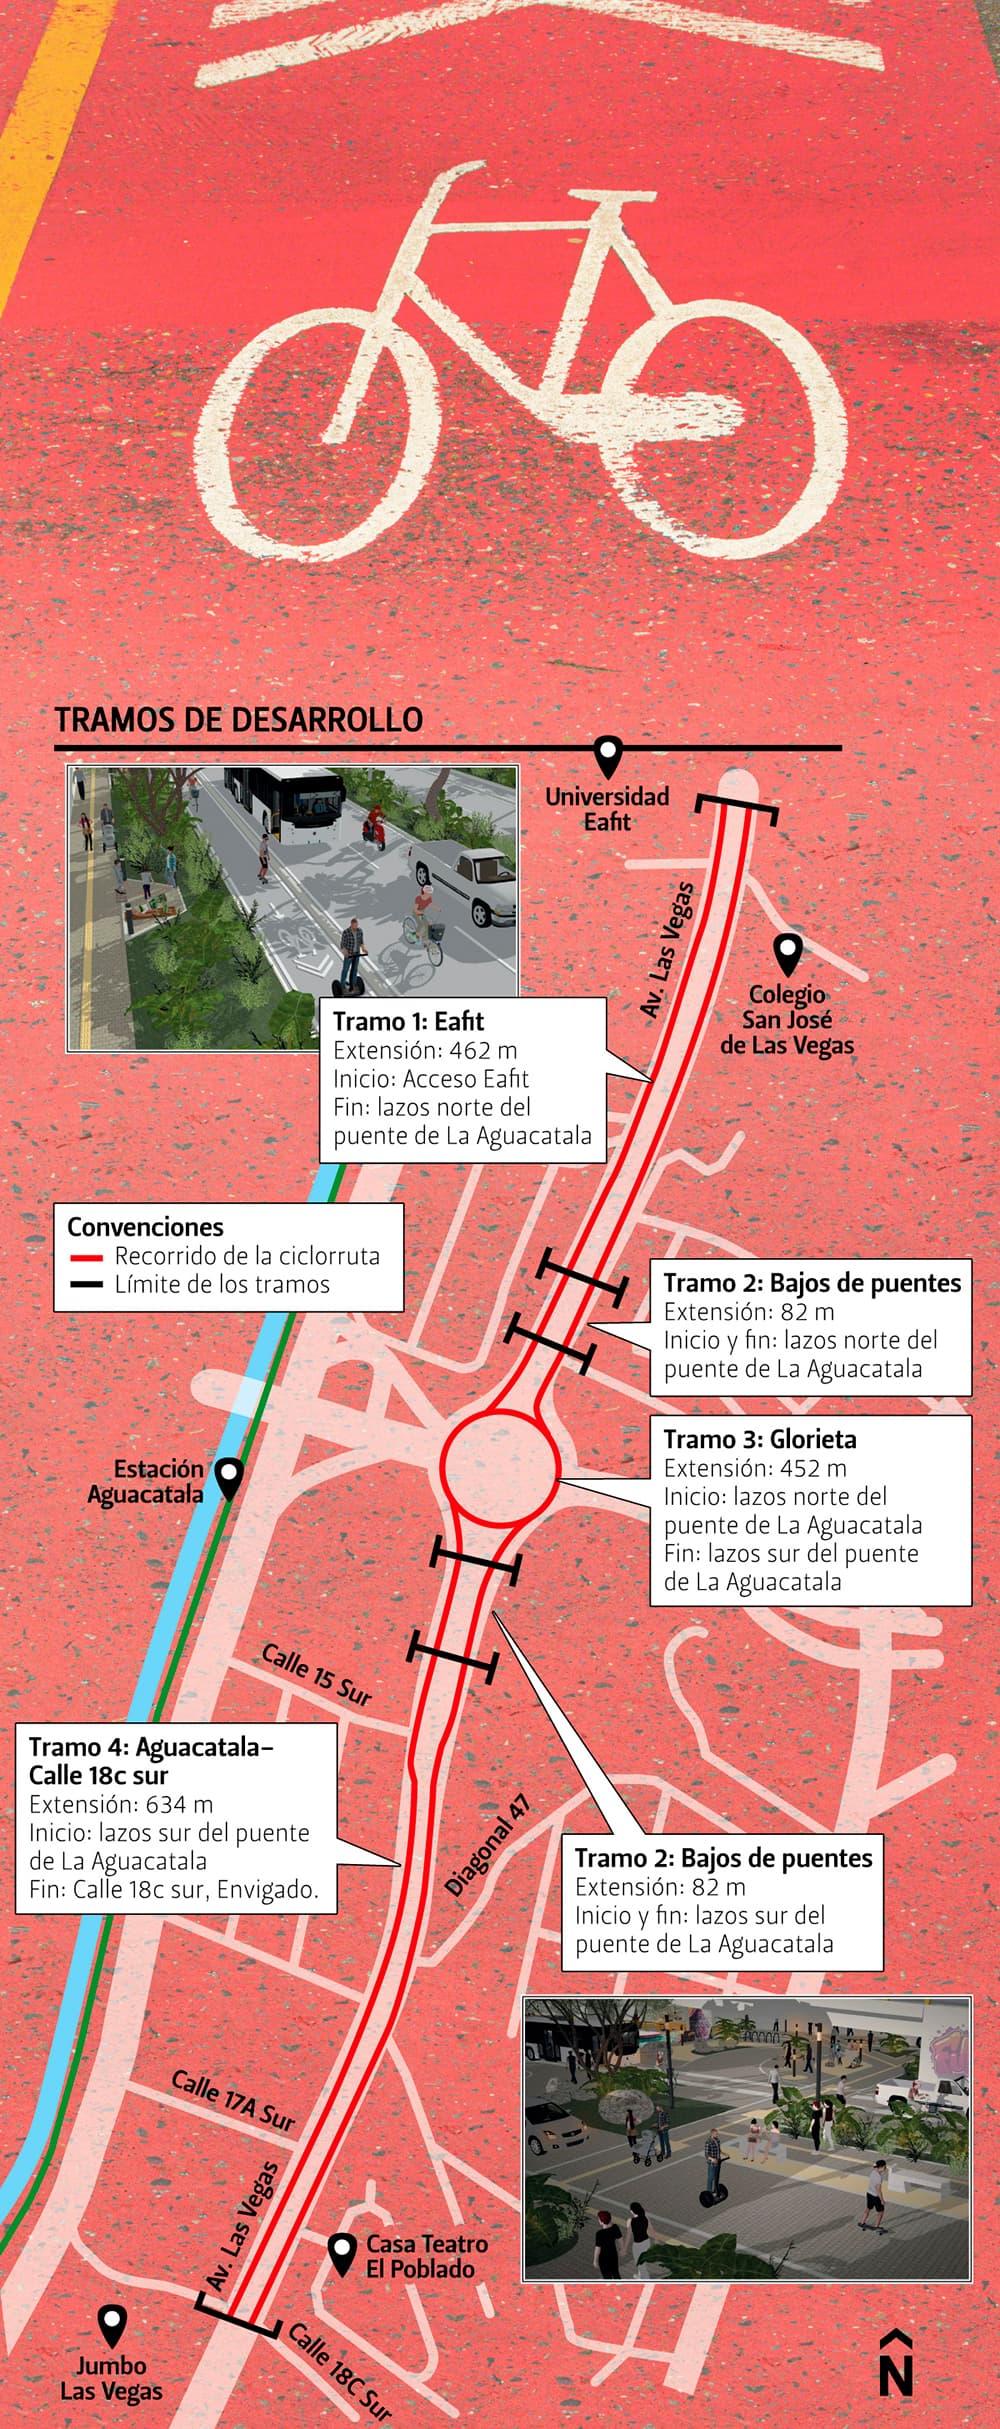 La ciclorruta de la avenida Las Vegas seguirá al sur por ambos costados